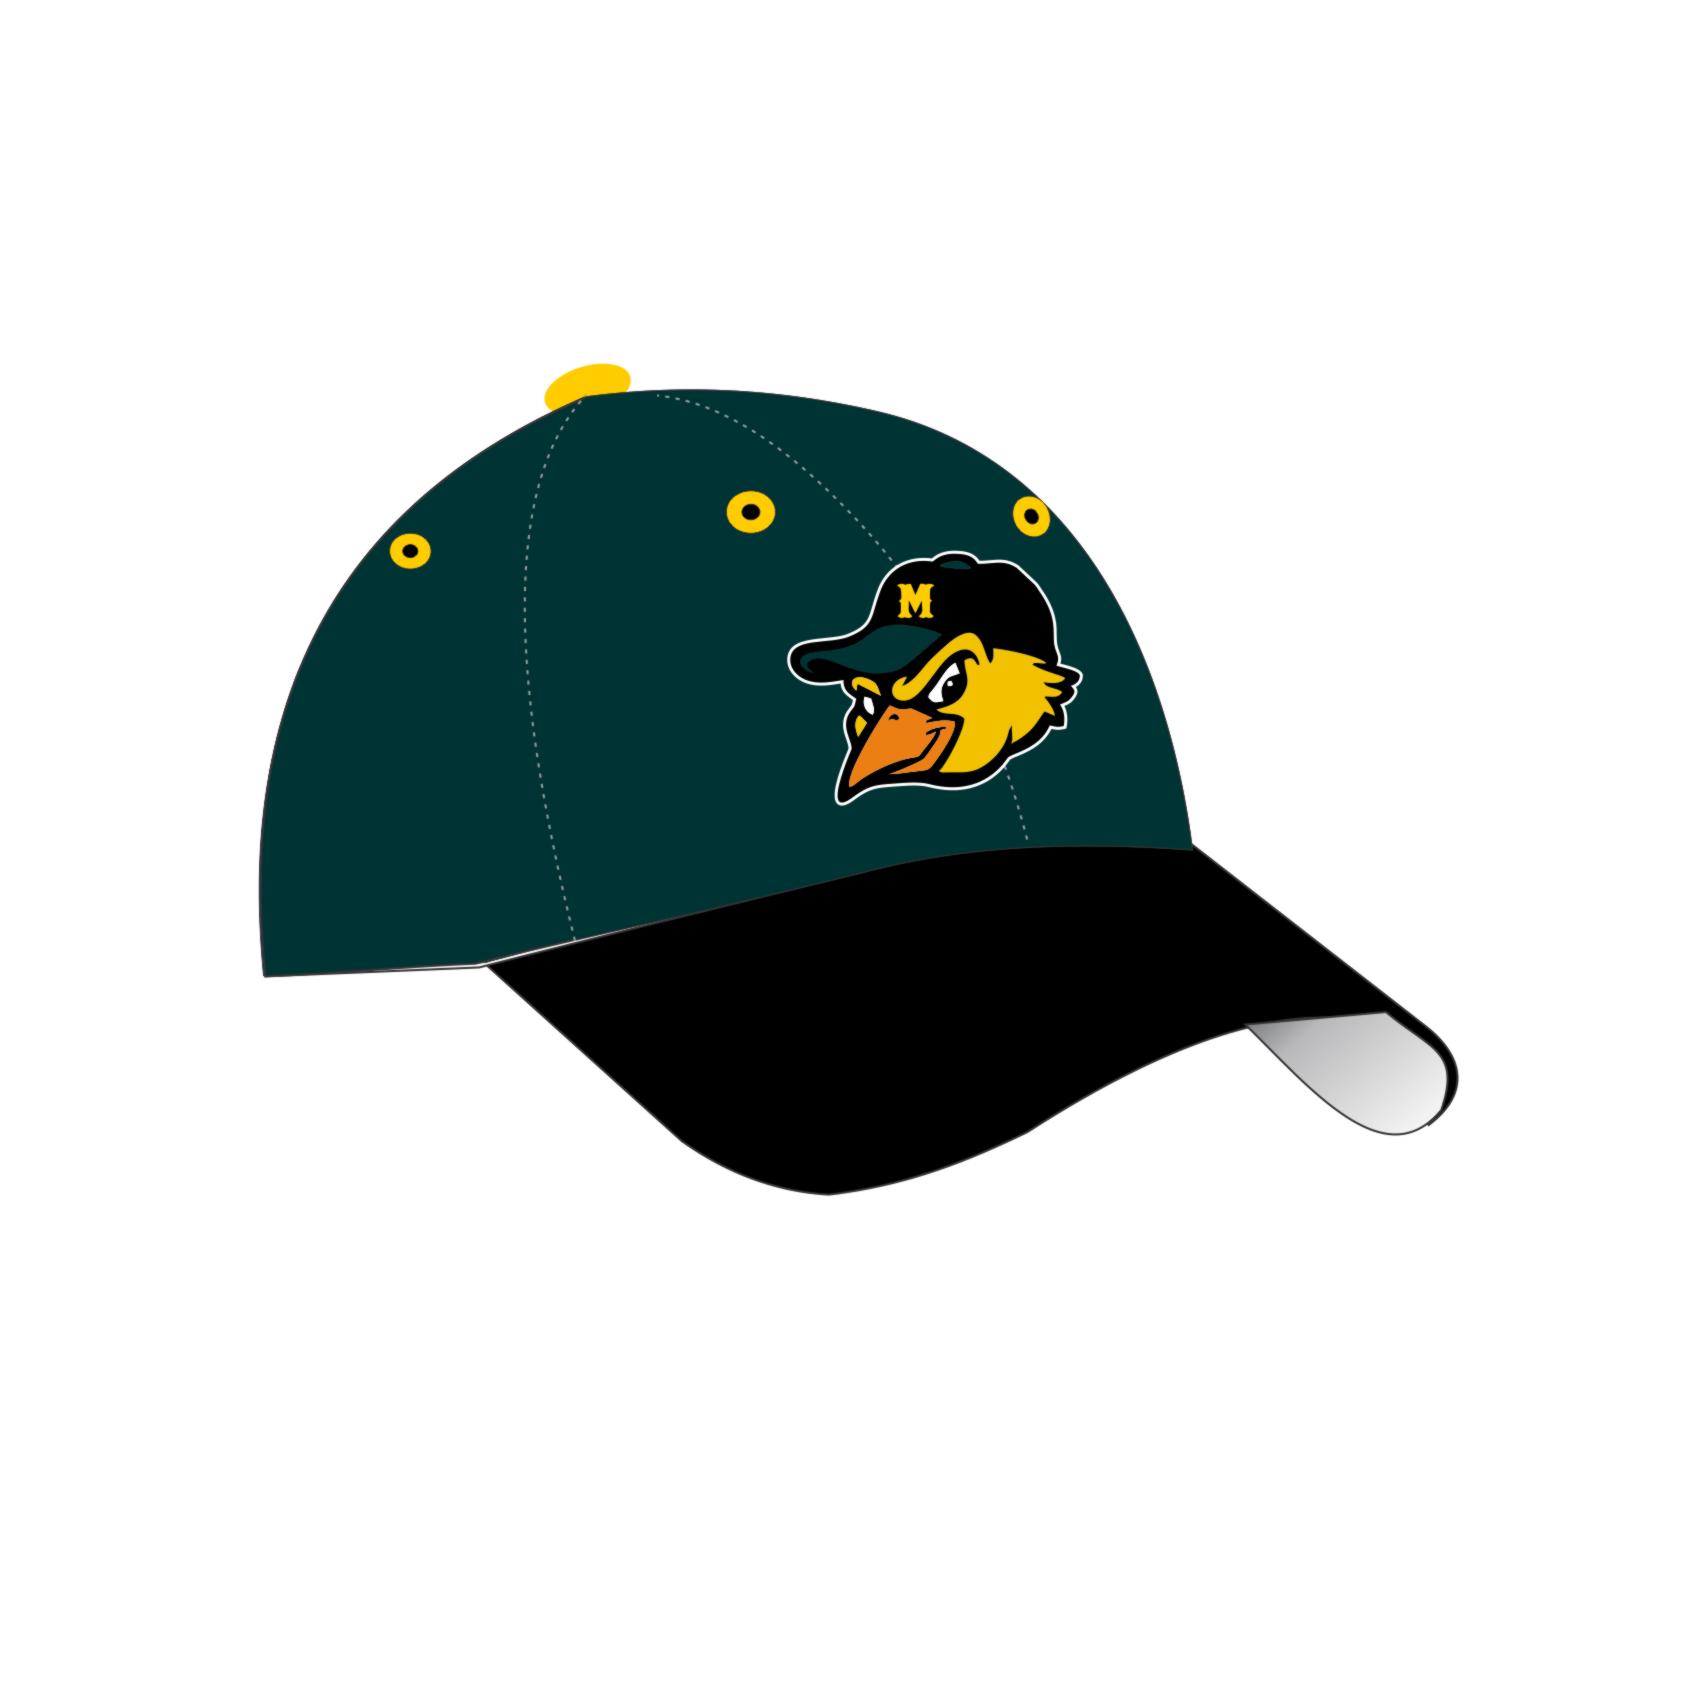 mudhens baseball hat new logo 2017